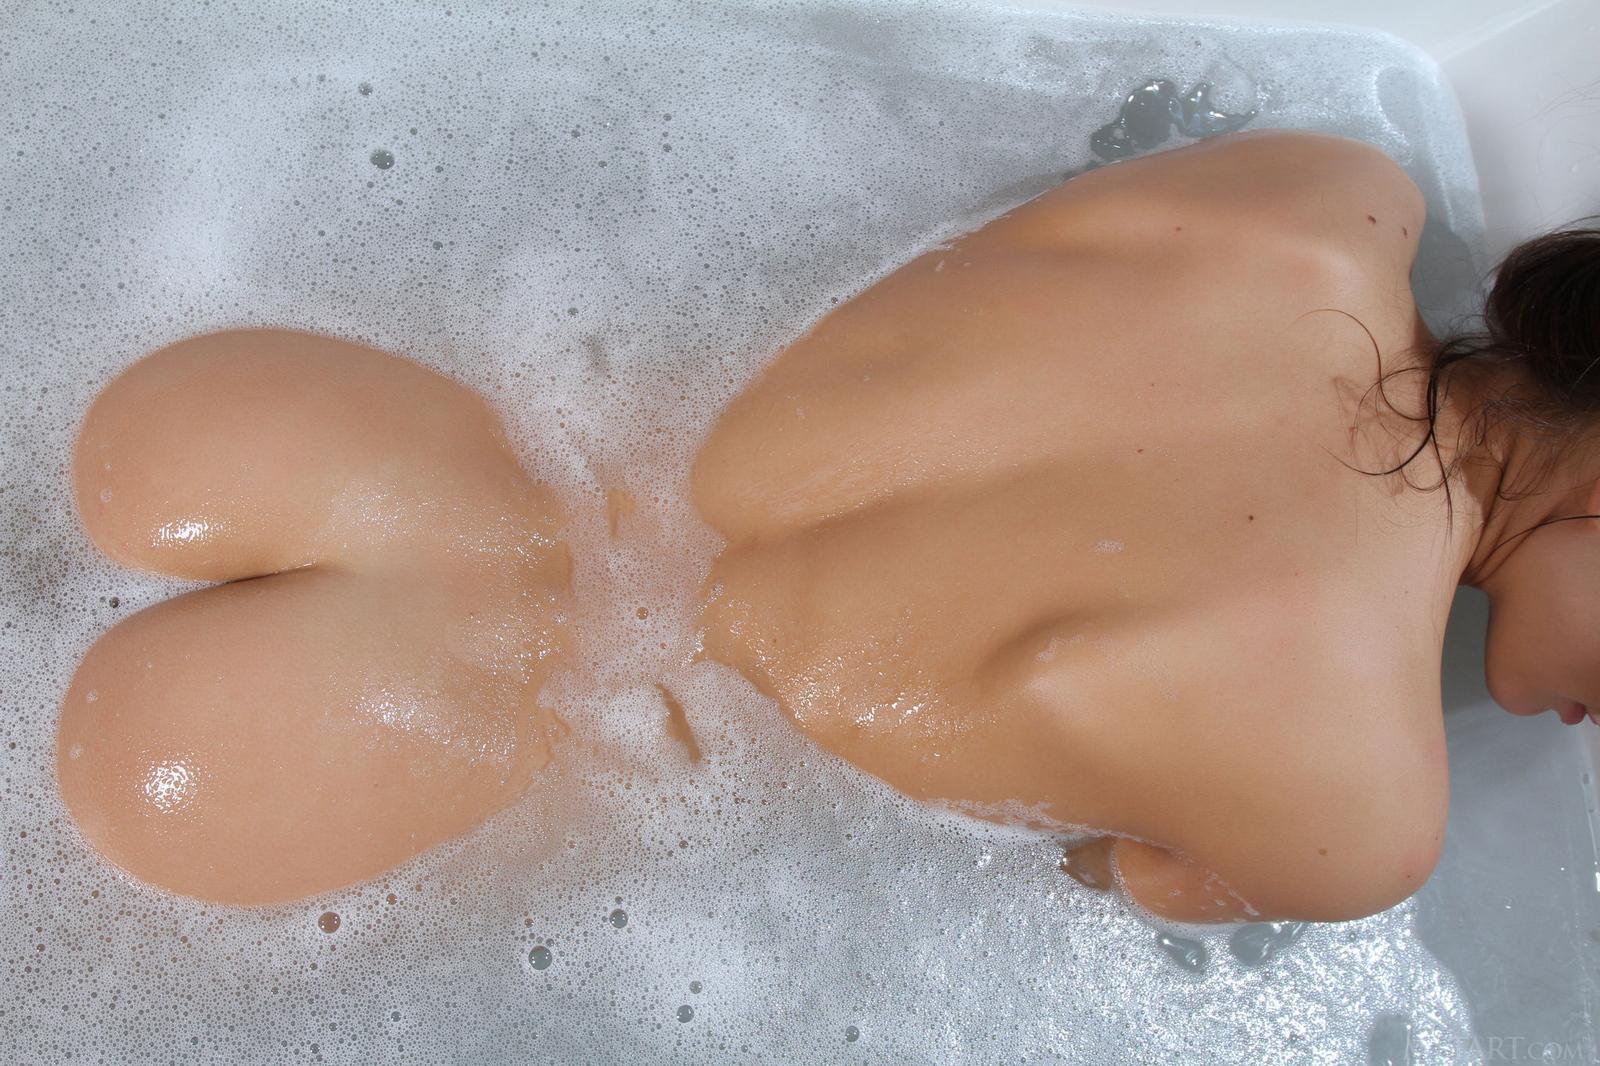 michaela-isizzu-naked-bath-wet-pussy-metart-24